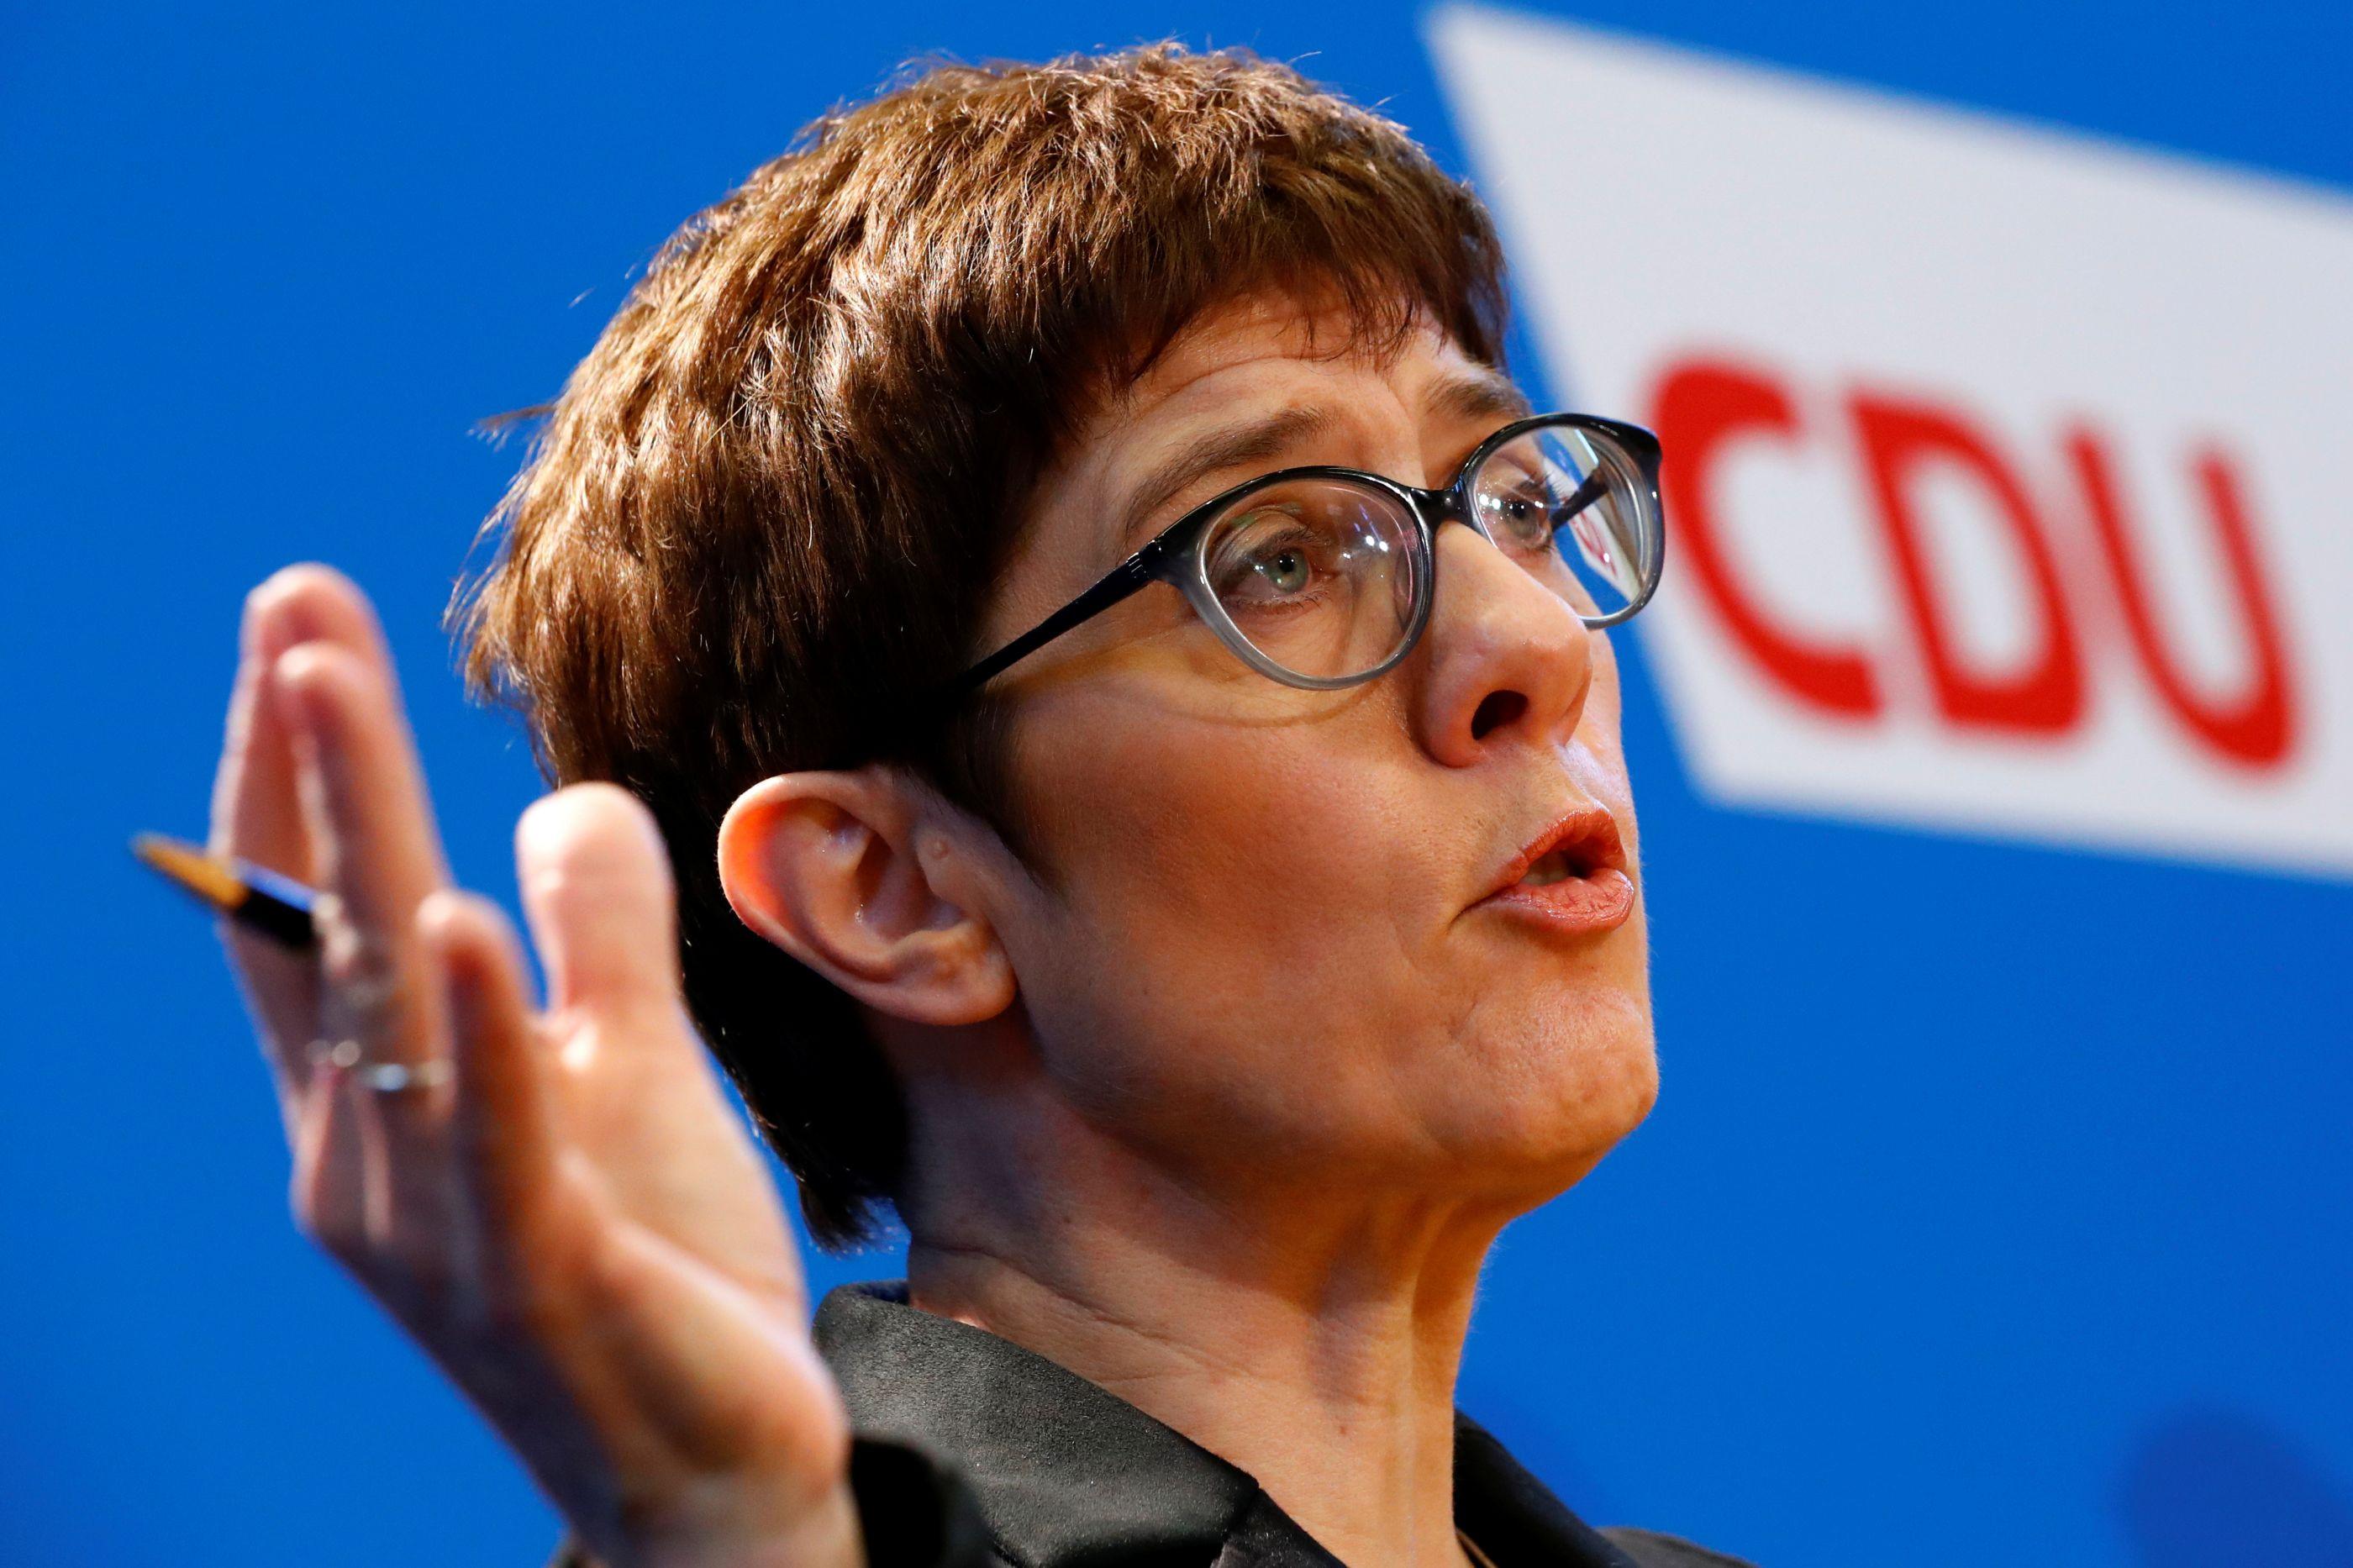 Líder conservadora alemã critica centralismo europeu de Macron